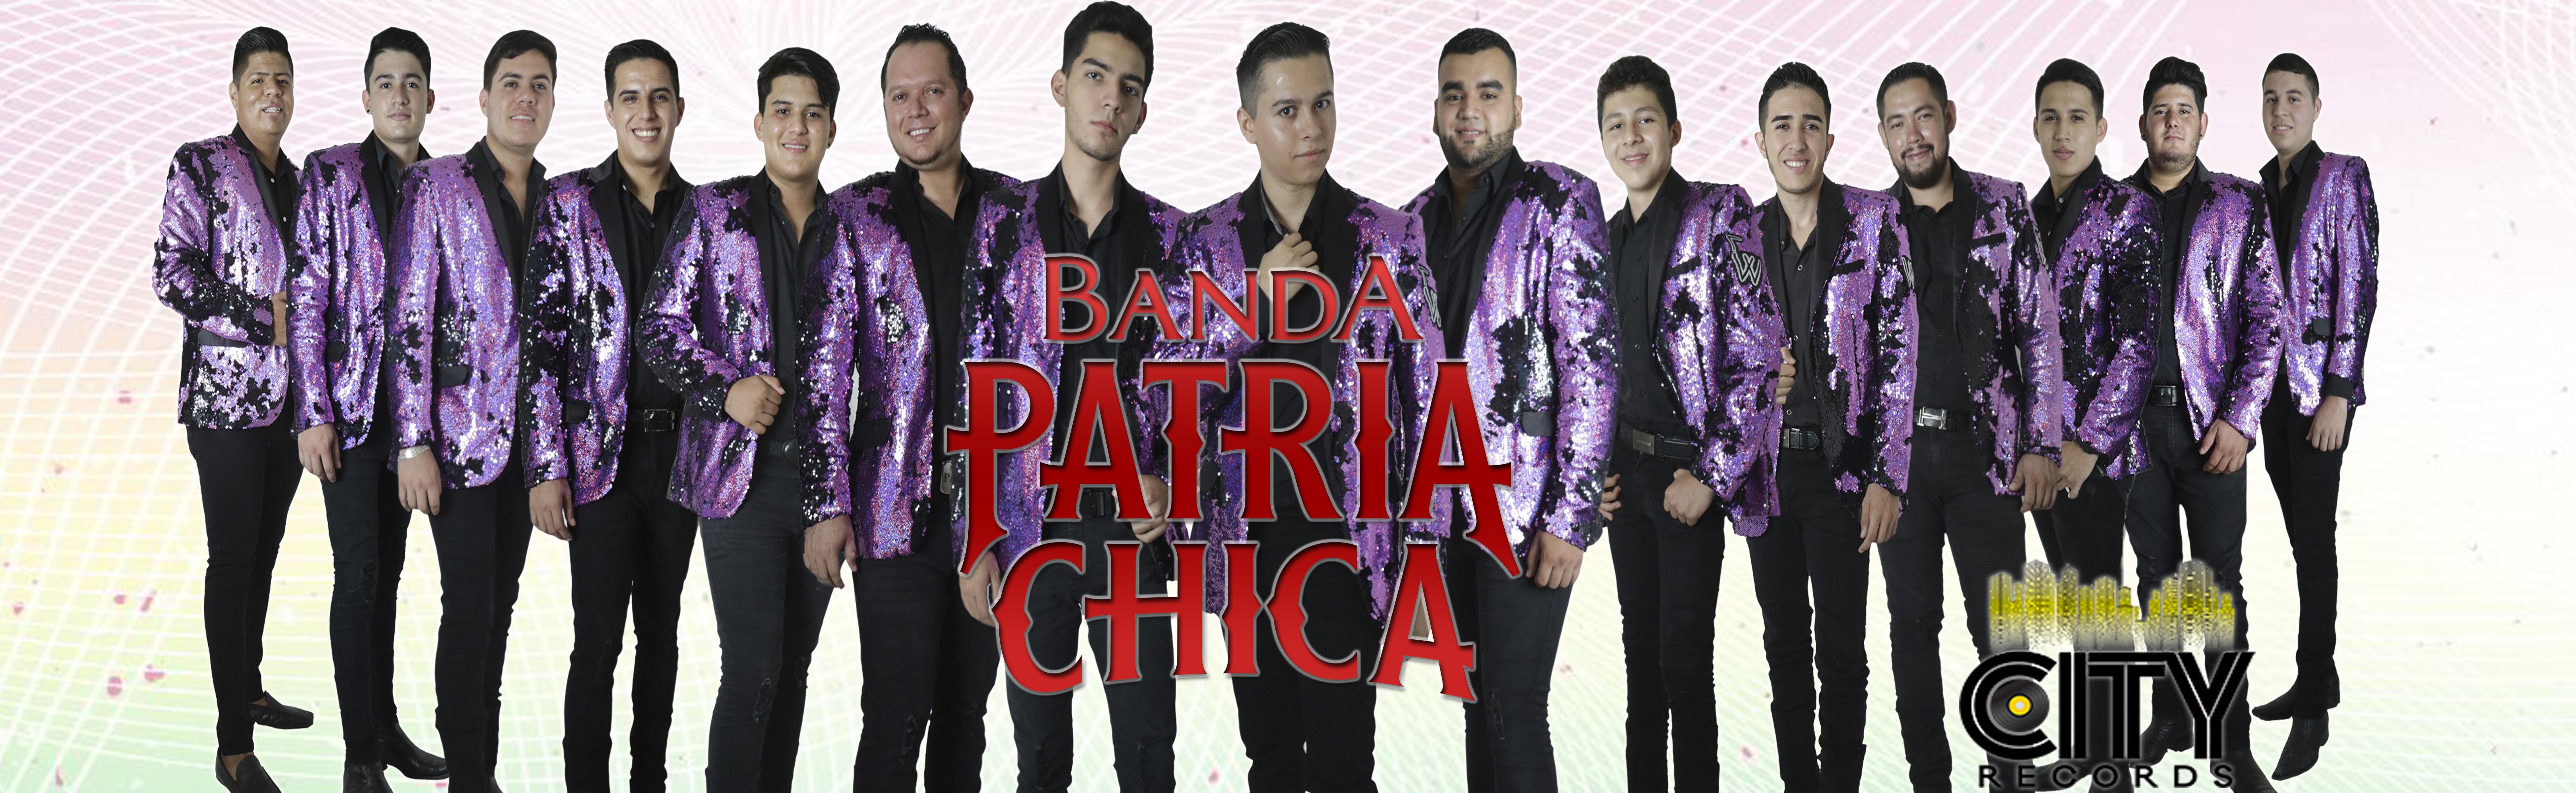 BANDA PATRIA CHICA